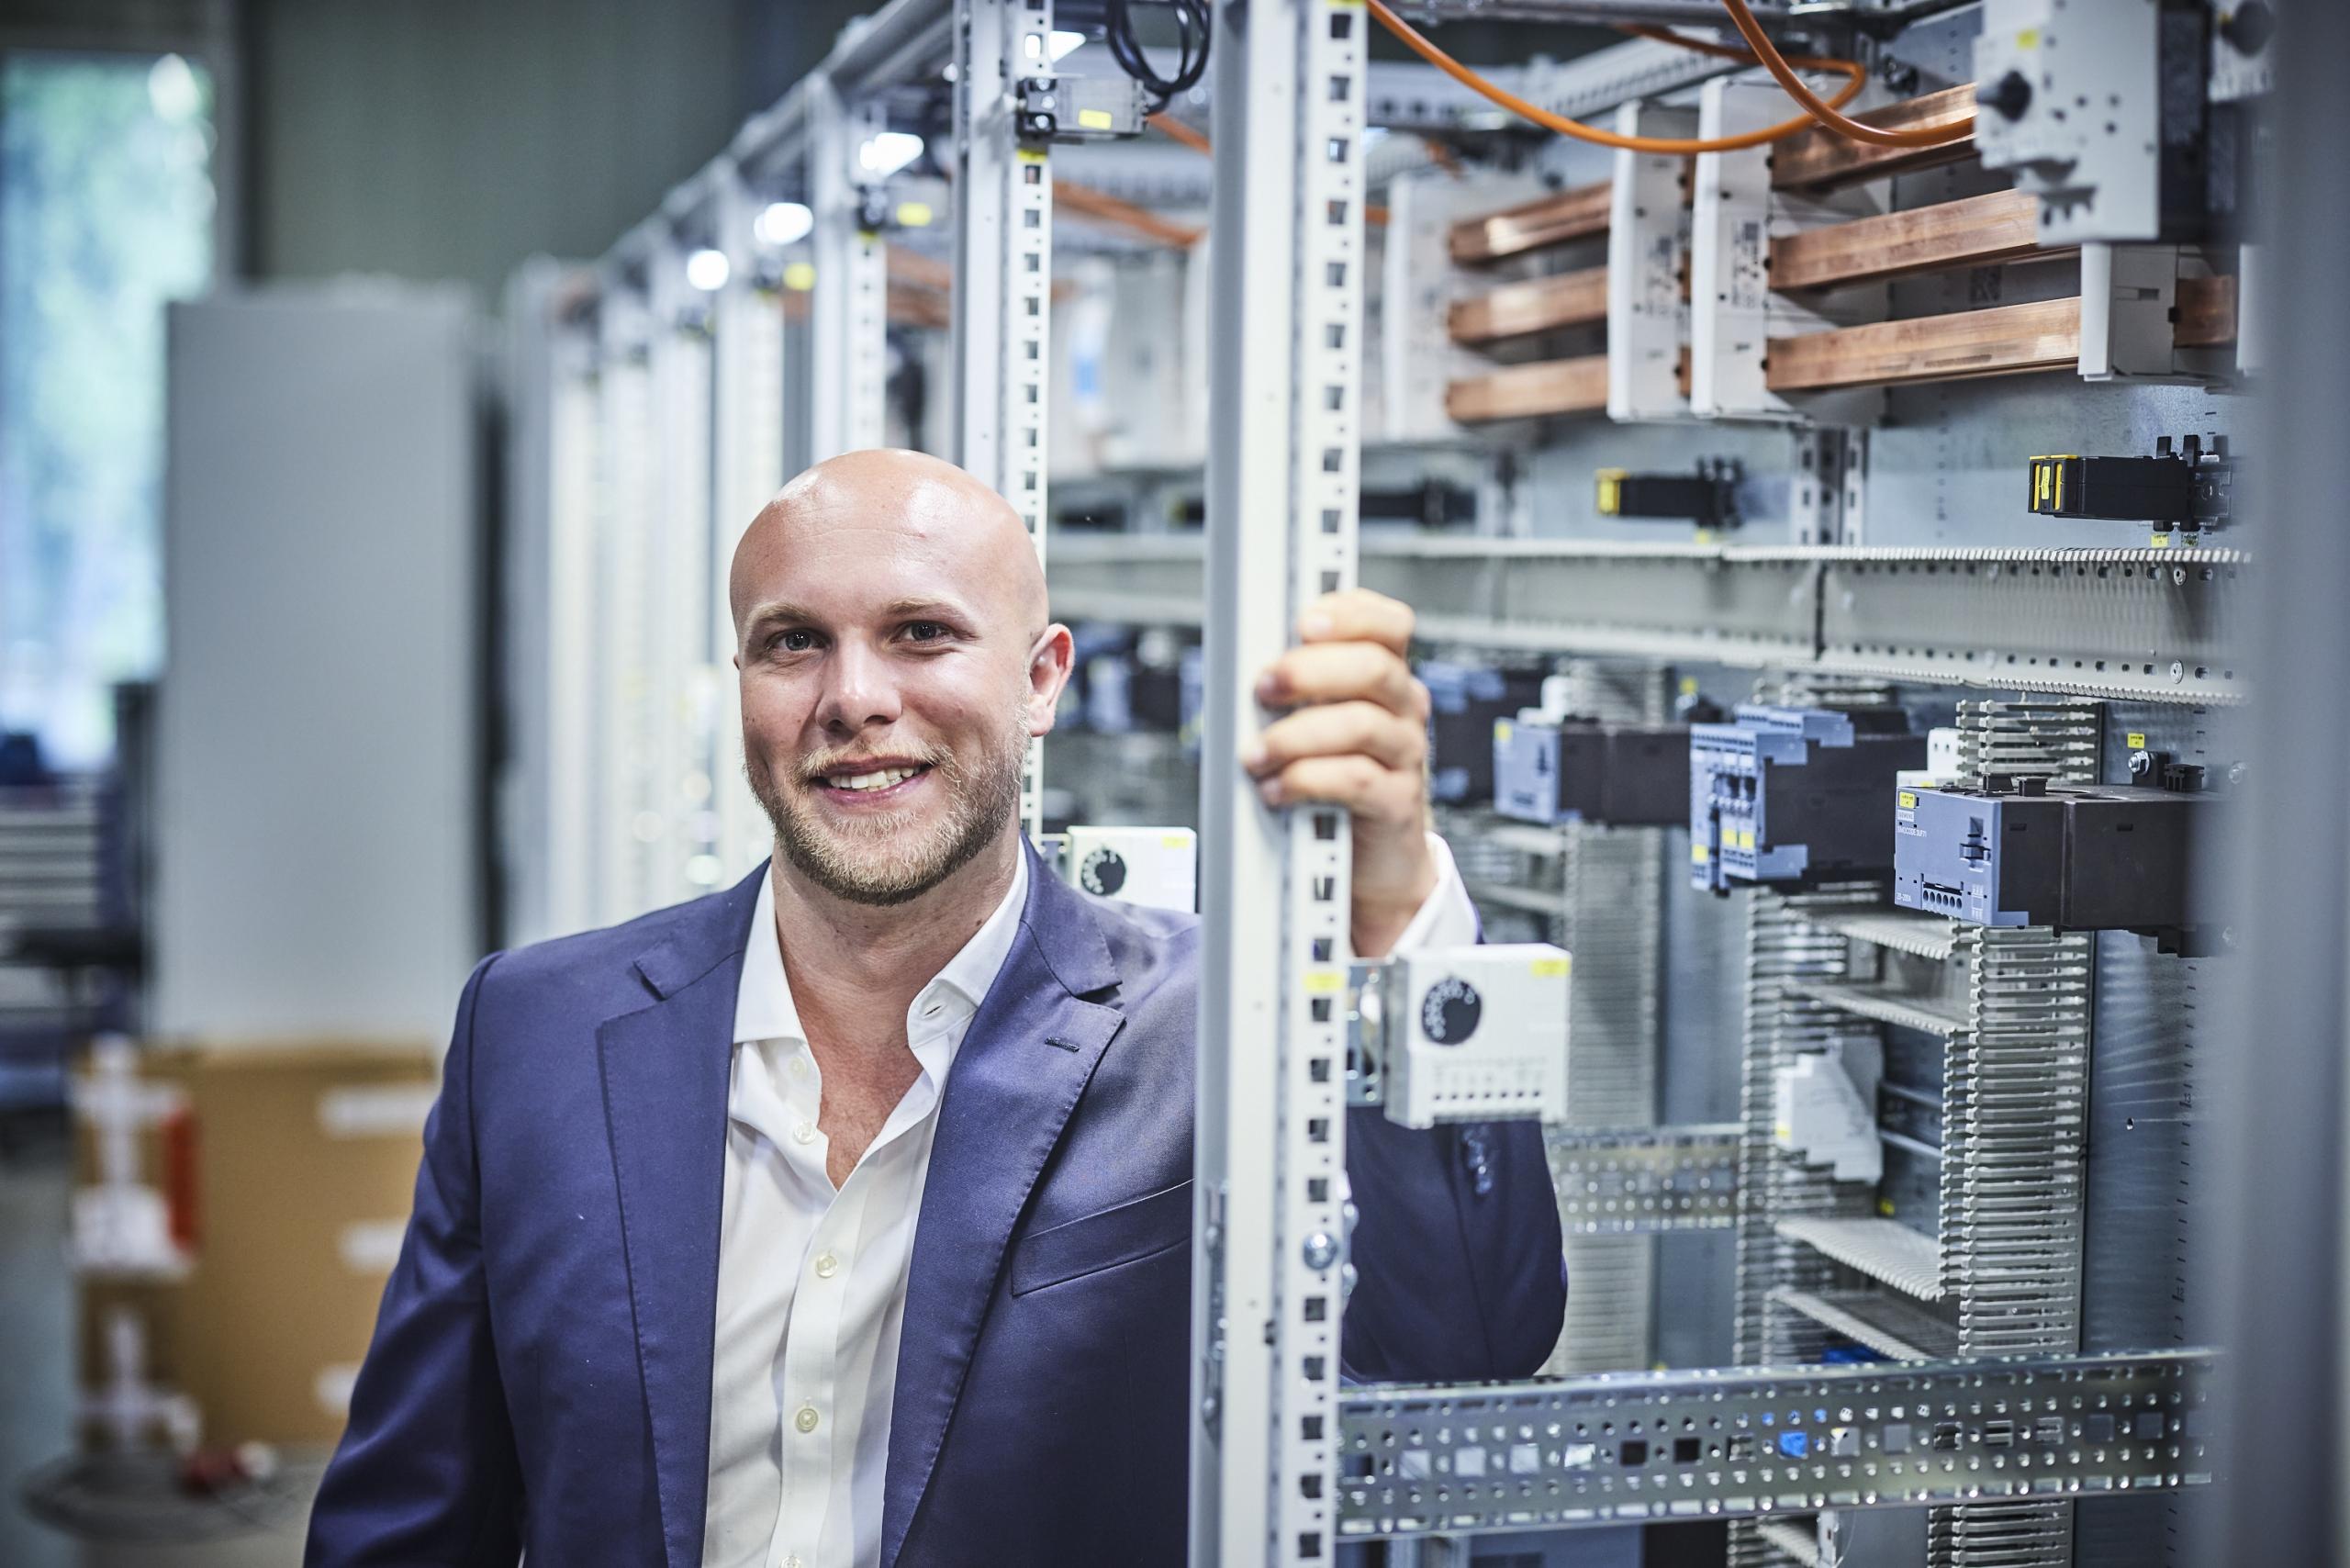 Gemeinsam mit seinem Geschäftsführungs-Kollegen Roger Schiemann will Julian Vetter die Digitalisierung der Prozesse und die Spezialisierung der Mitarbeiter fördern.